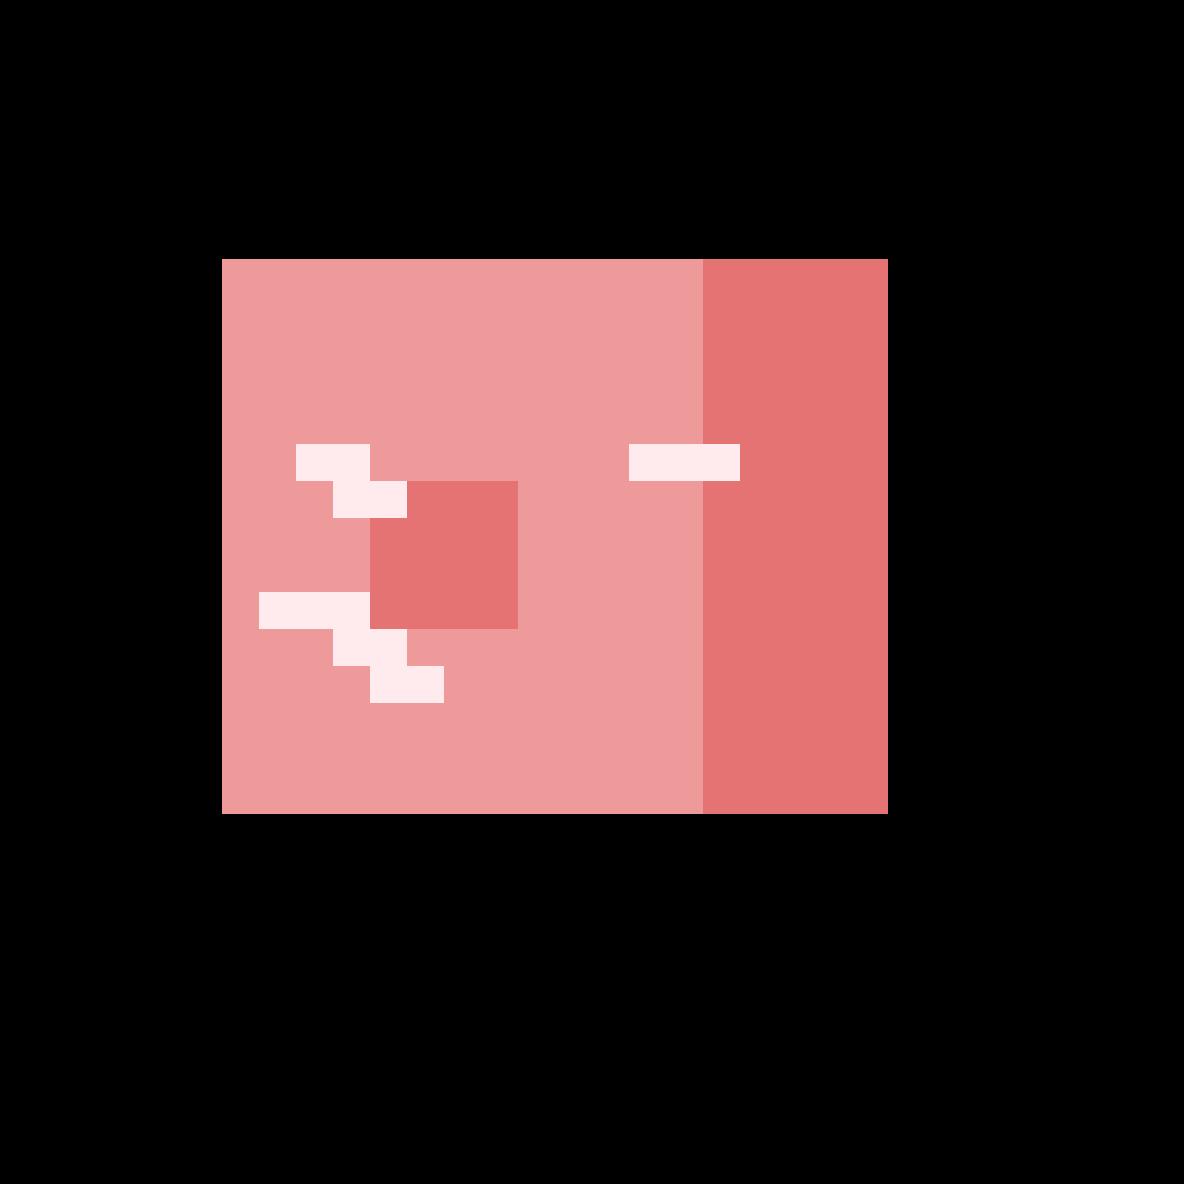 Roblox logo by Simirrorx